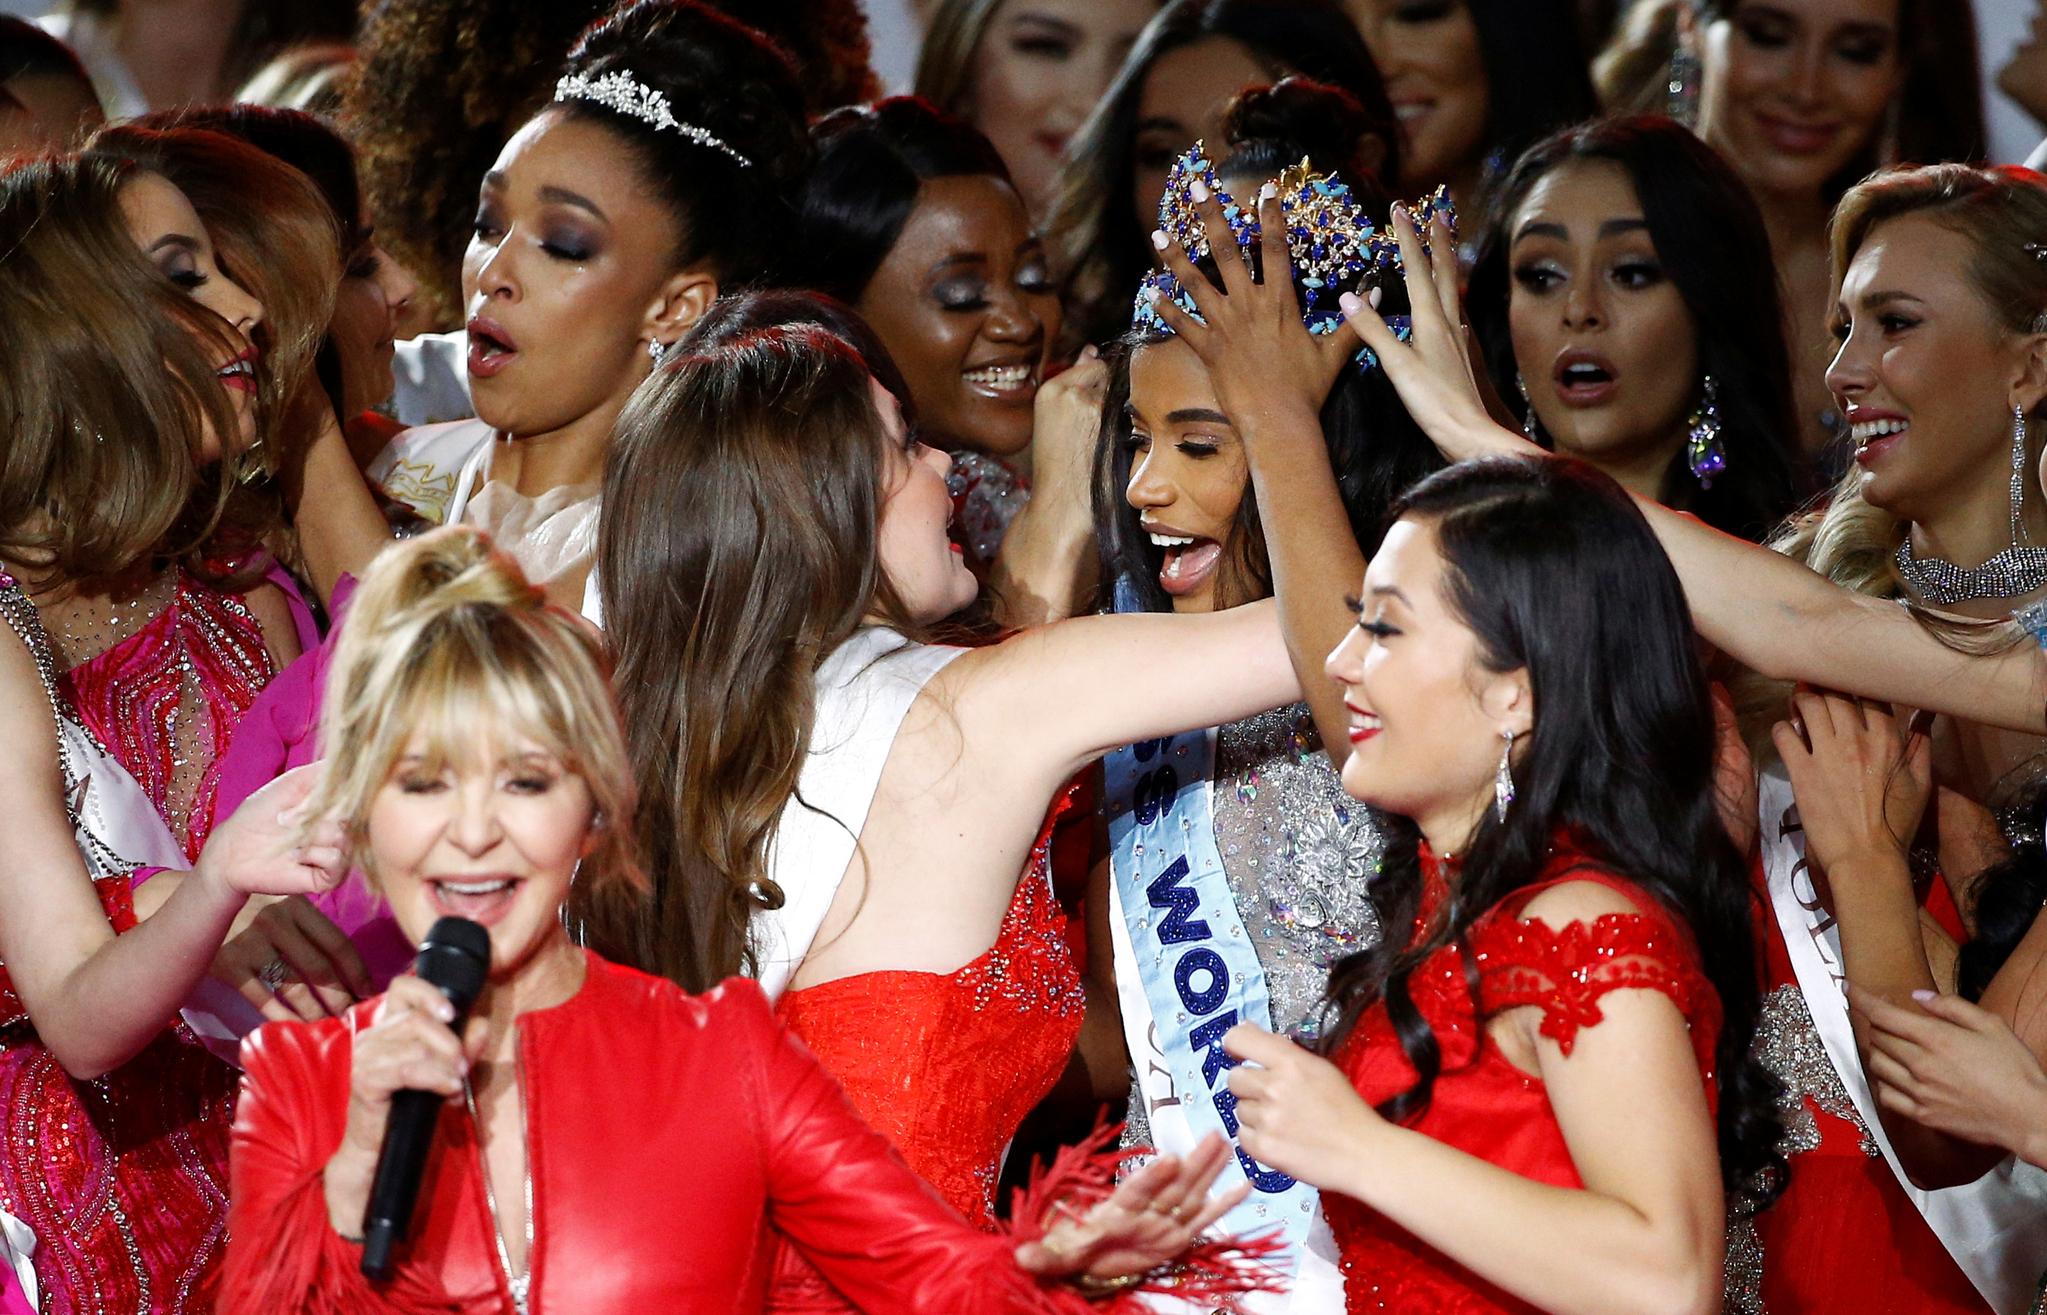 미스 자메이카 토니 안 싱이 14일(현지시간) 영국 런던의 엑셀 센터에서 열린 제69회 미스 월드 선발대회에서 2019 미스 월드로 선정된 뒤 다른 참가자들의 축하를 받고 있다. [로이터=연합뉴스]